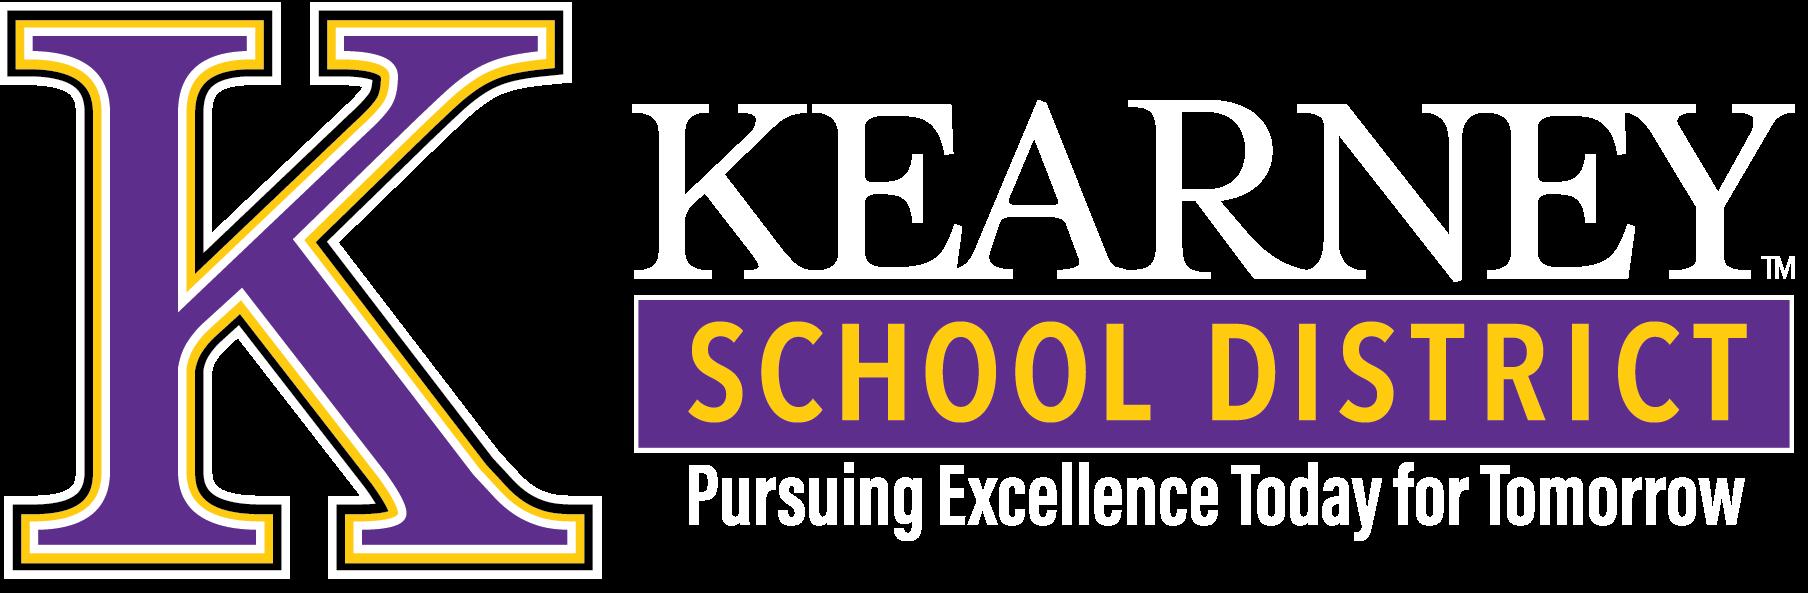 Kearney School District logo